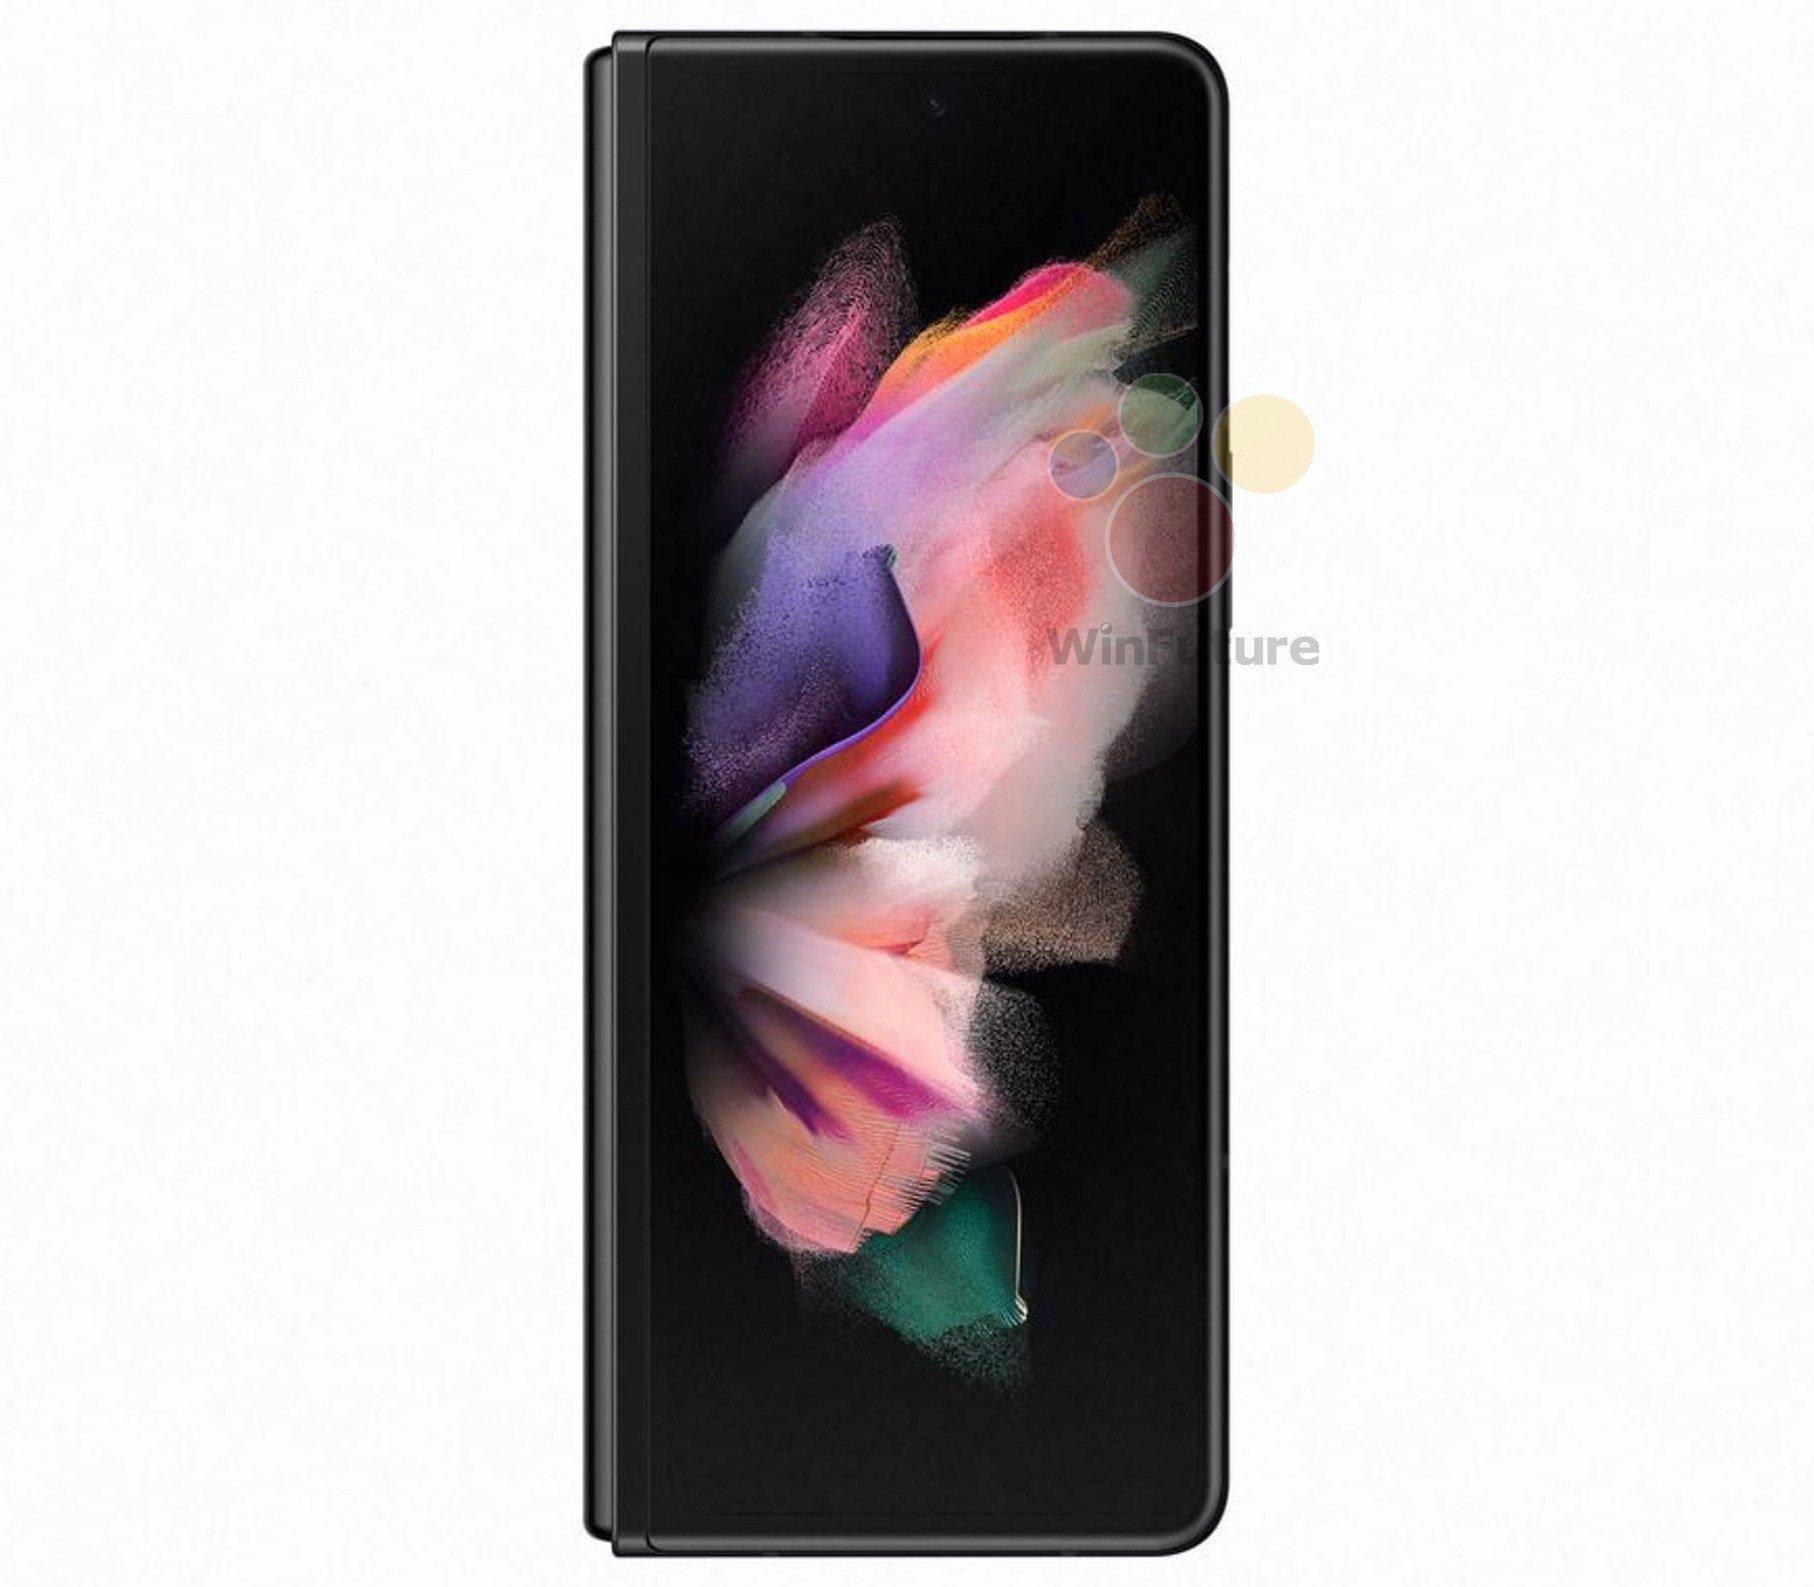 Samsung-Galaxy-Z-Fold-3-1627476347-0-0.jpg